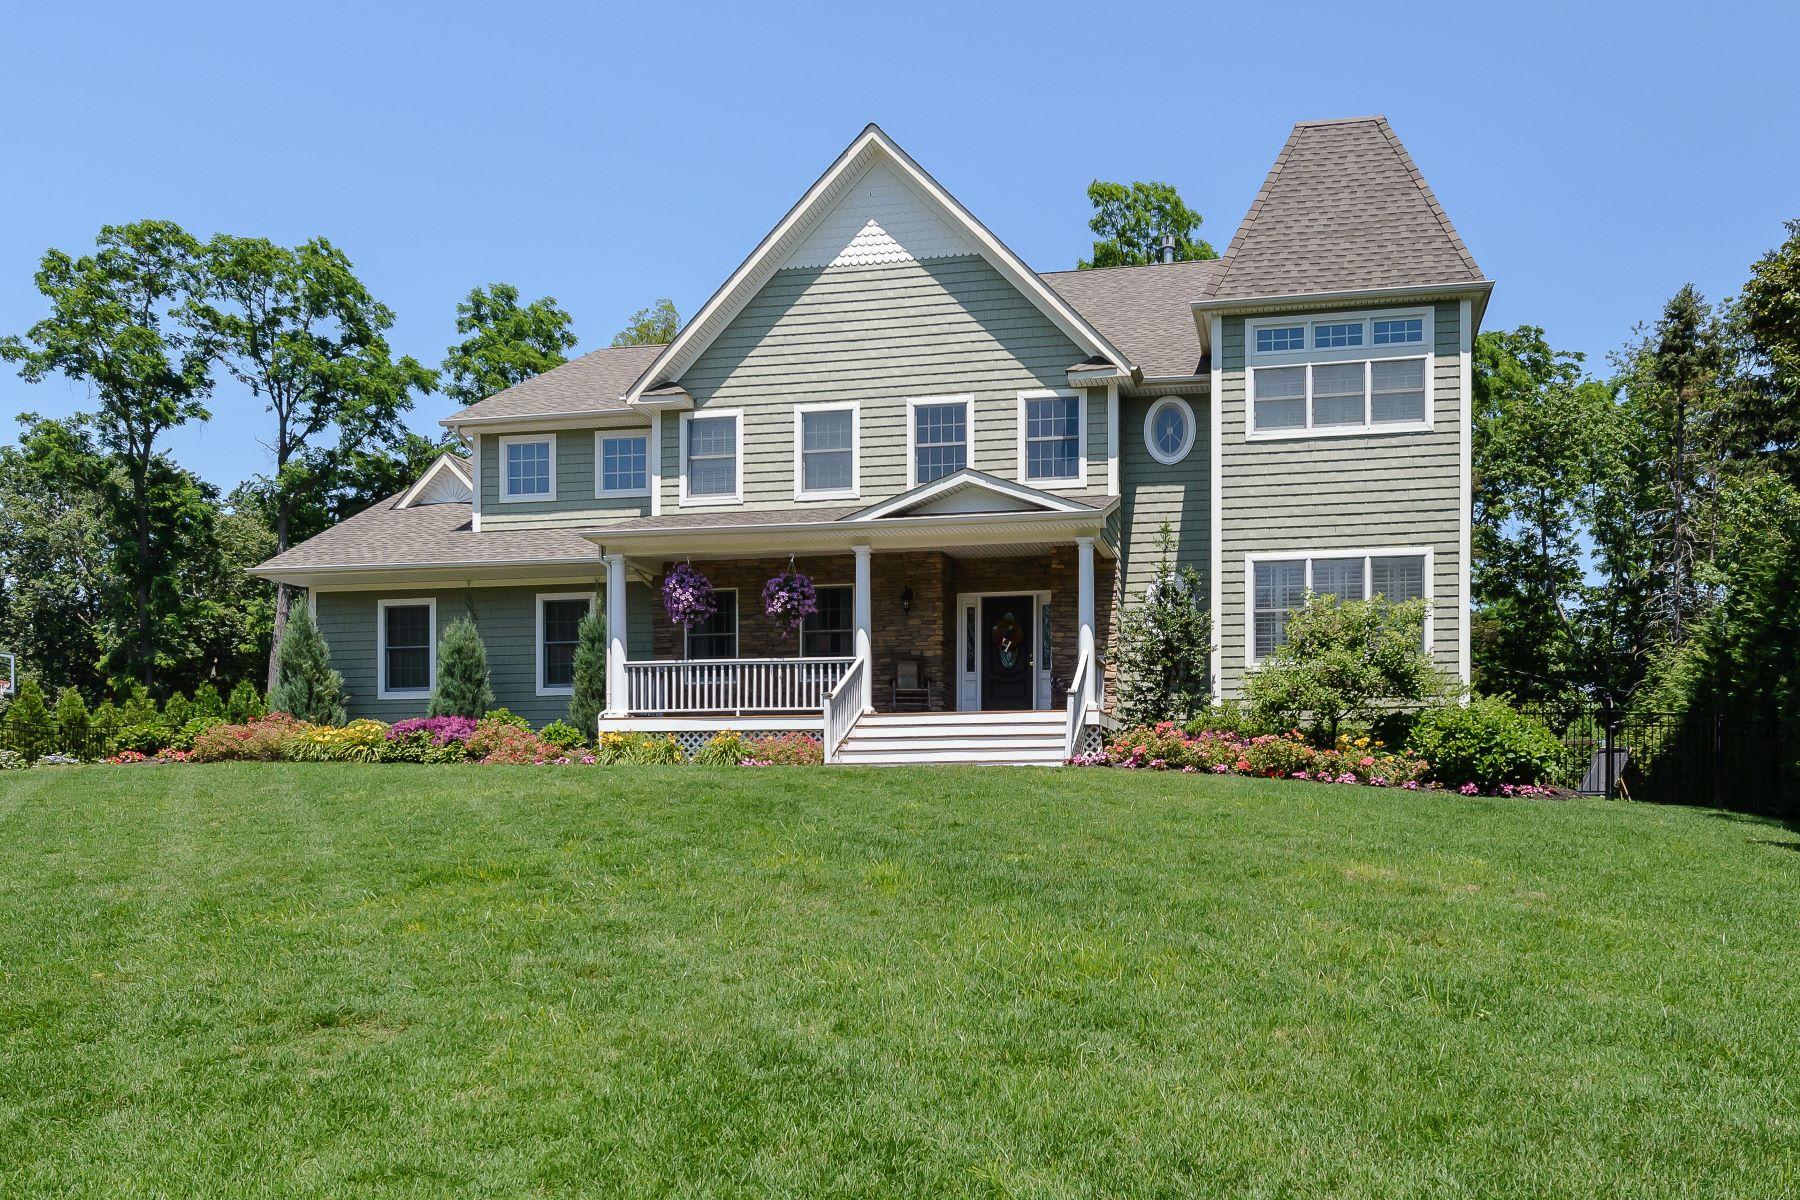 Casa para uma família para Venda às Colonial 1 Preston Hollow Ct Northport, Nova York, 11768 Estados Unidos